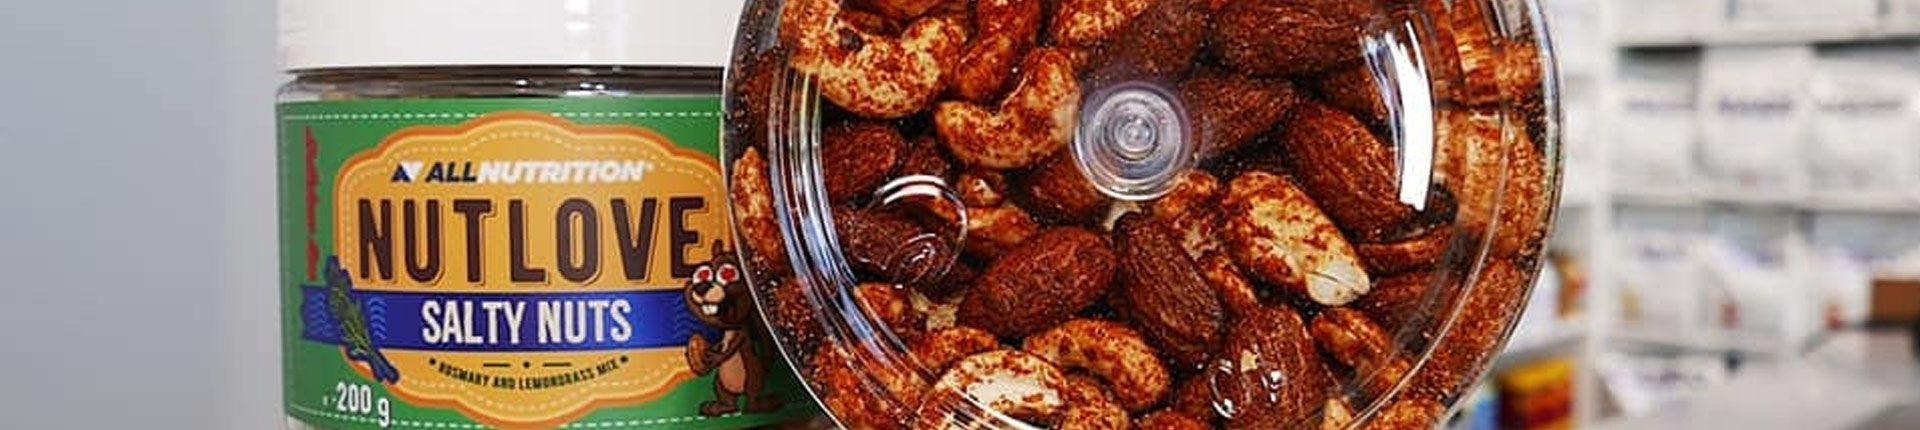 NUTLOVE SALTY NUTS - pyszne orzechy w wyjątkowych przyprawach